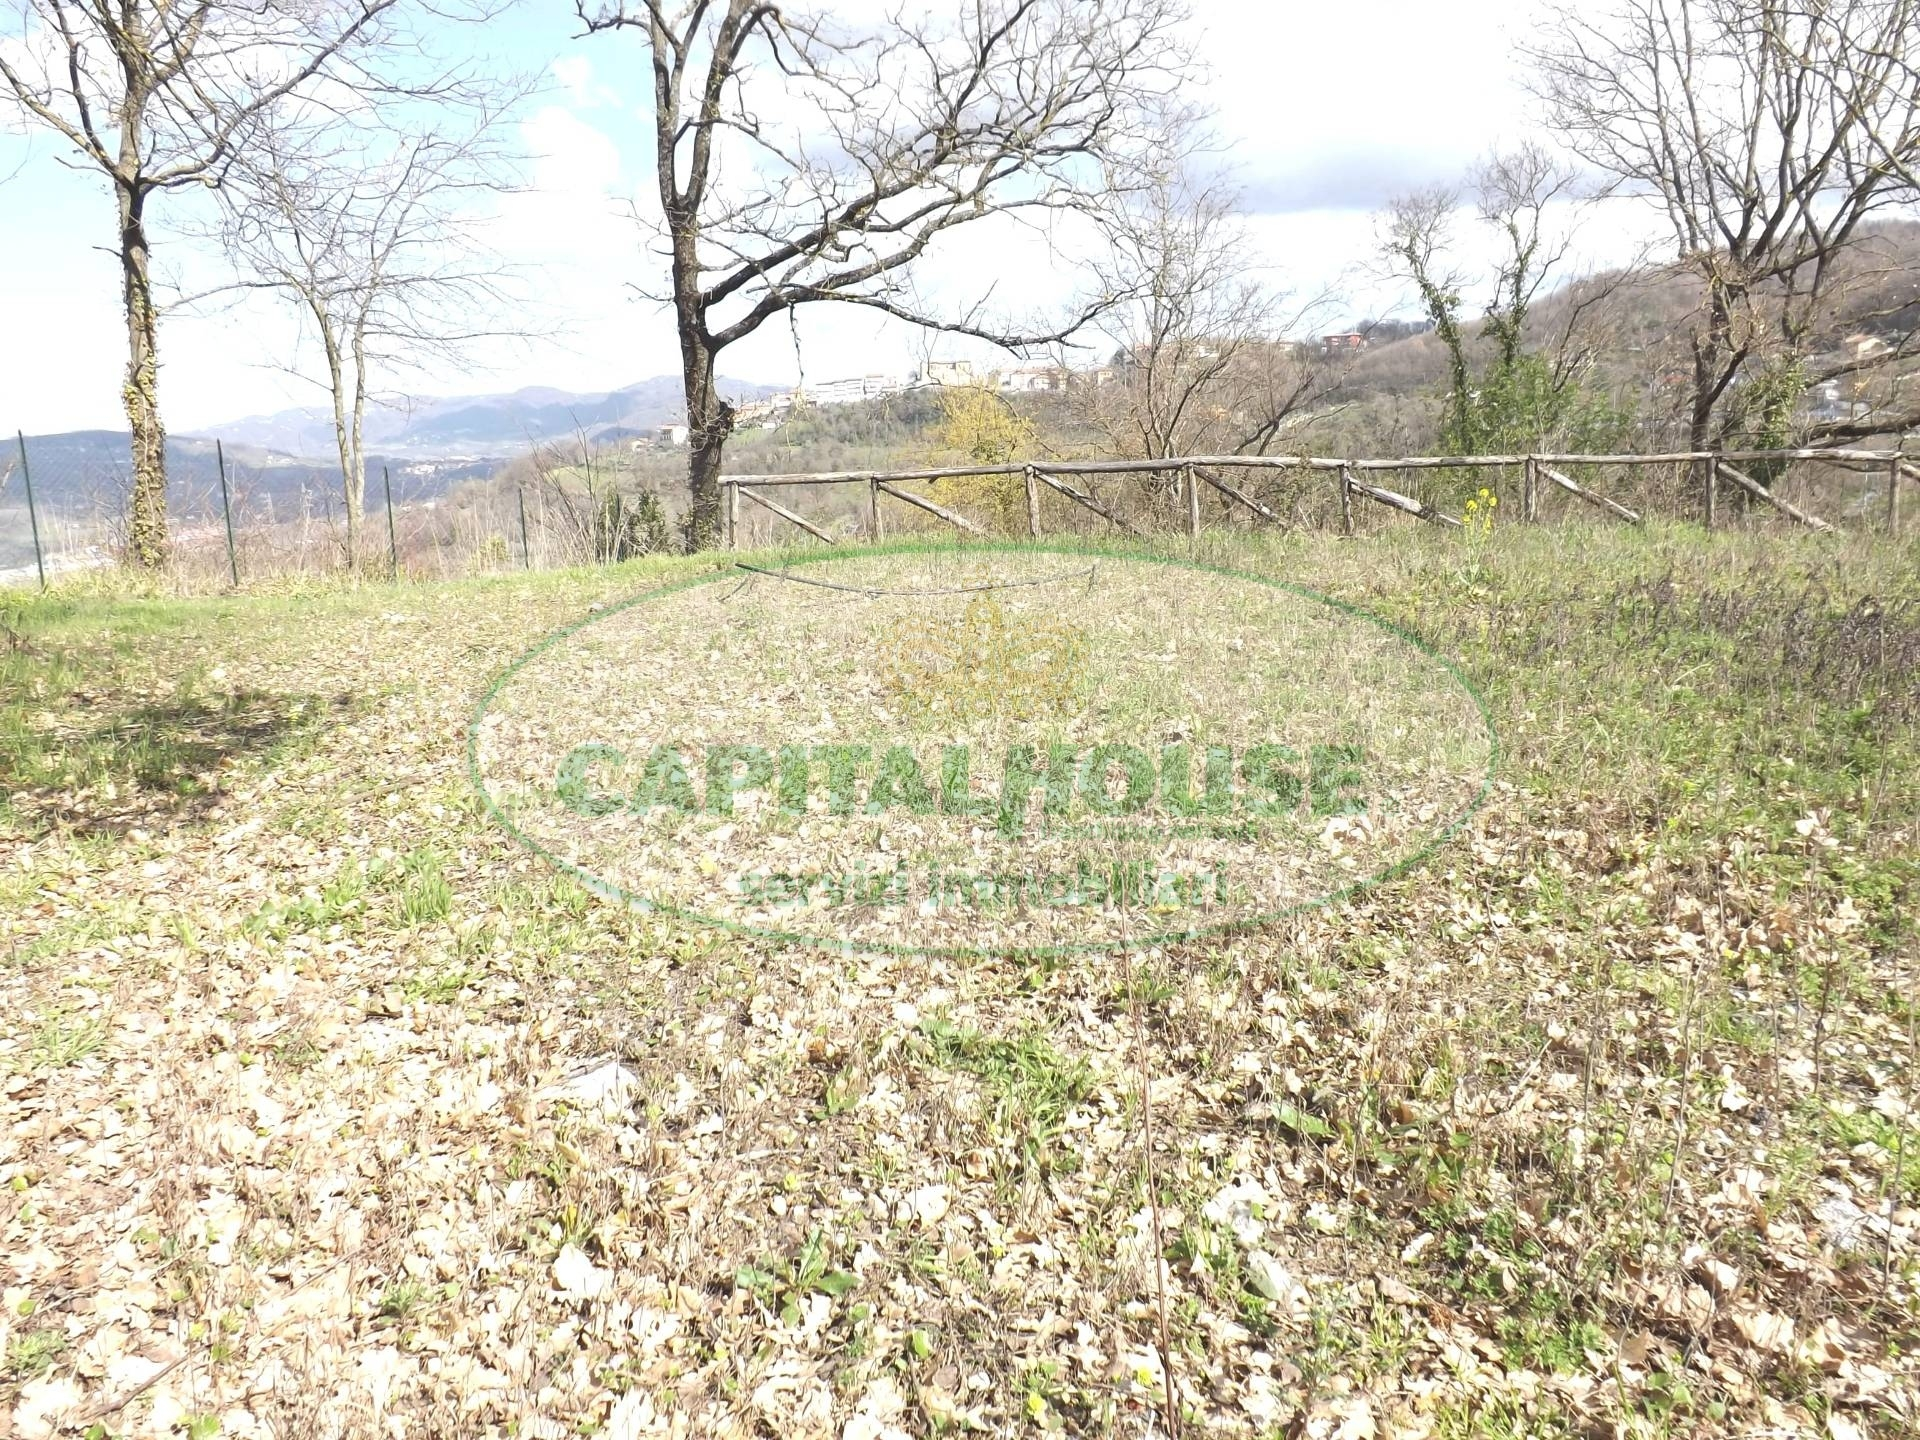 Terreno Agricolo in vendita a Manocalzati, 9999 locali, prezzo € 15.000 | CambioCasa.it